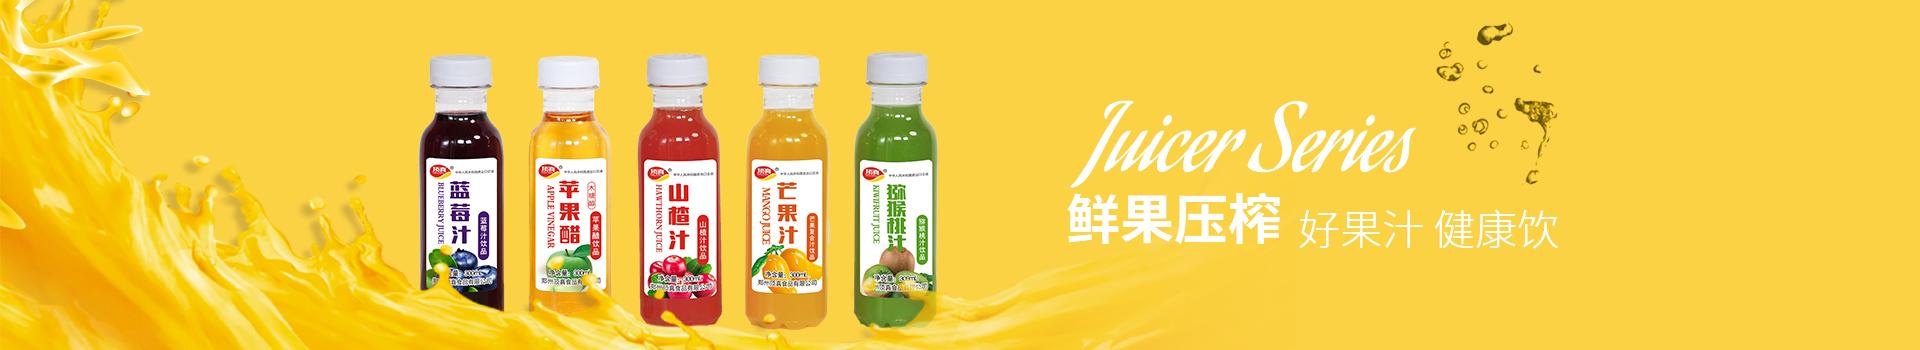 鲜果压榨,好果汁,健康饮